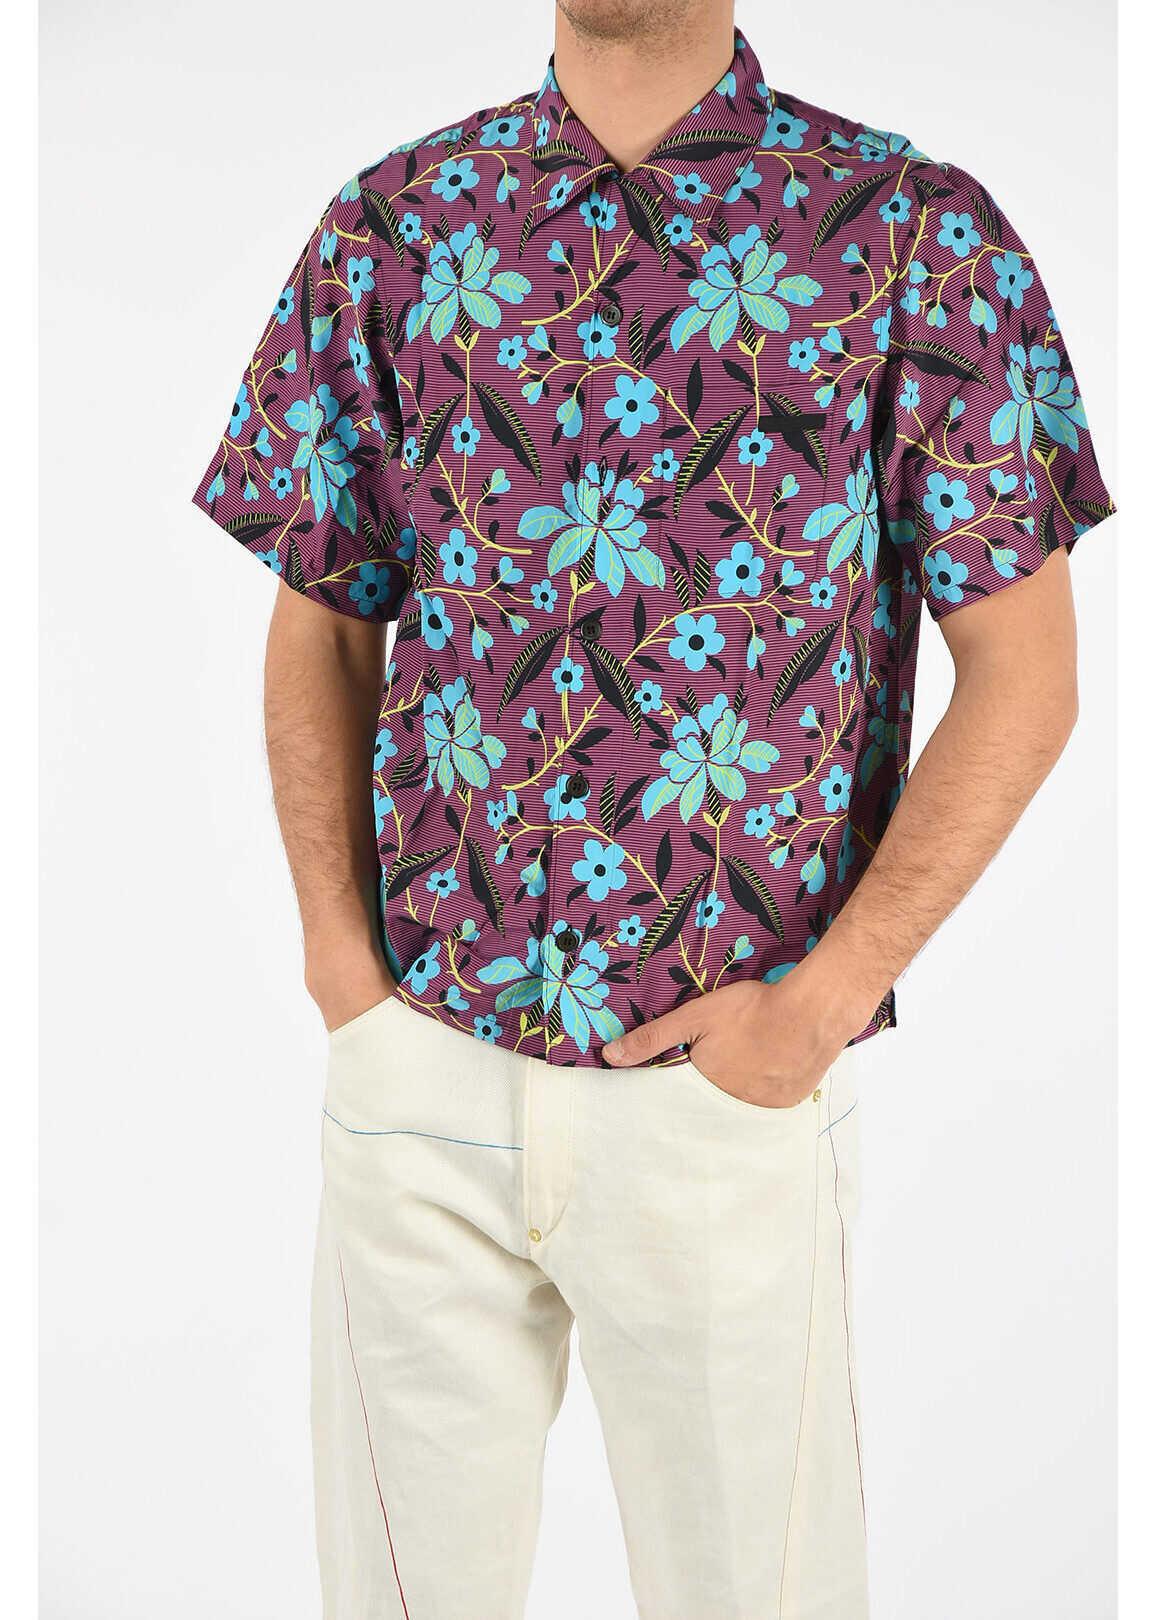 Prada Striped And Flowers Shirt VIOLET